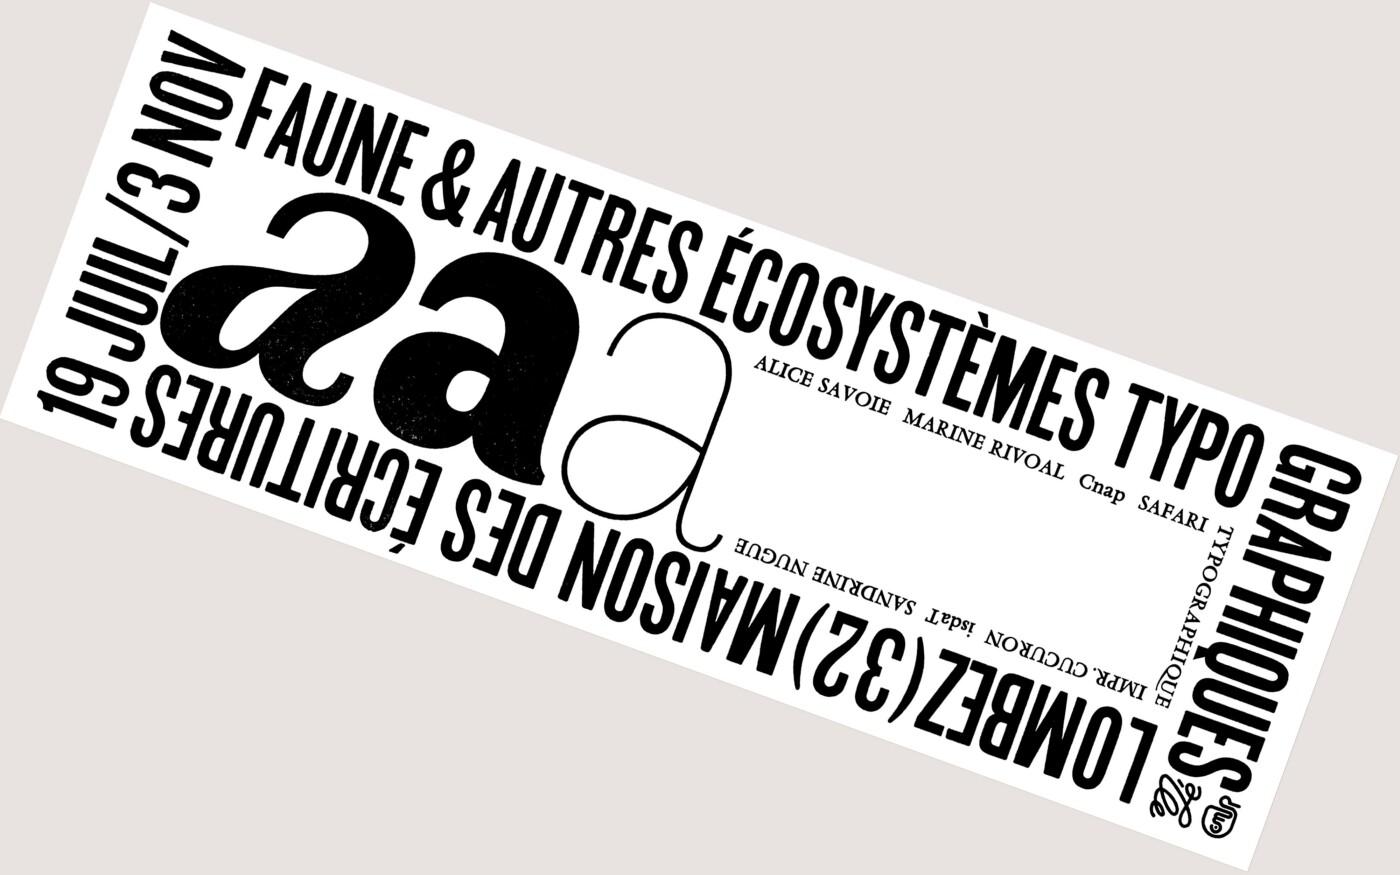 Affiche pour l'exposition Faune et autres écosystèmes typographiques